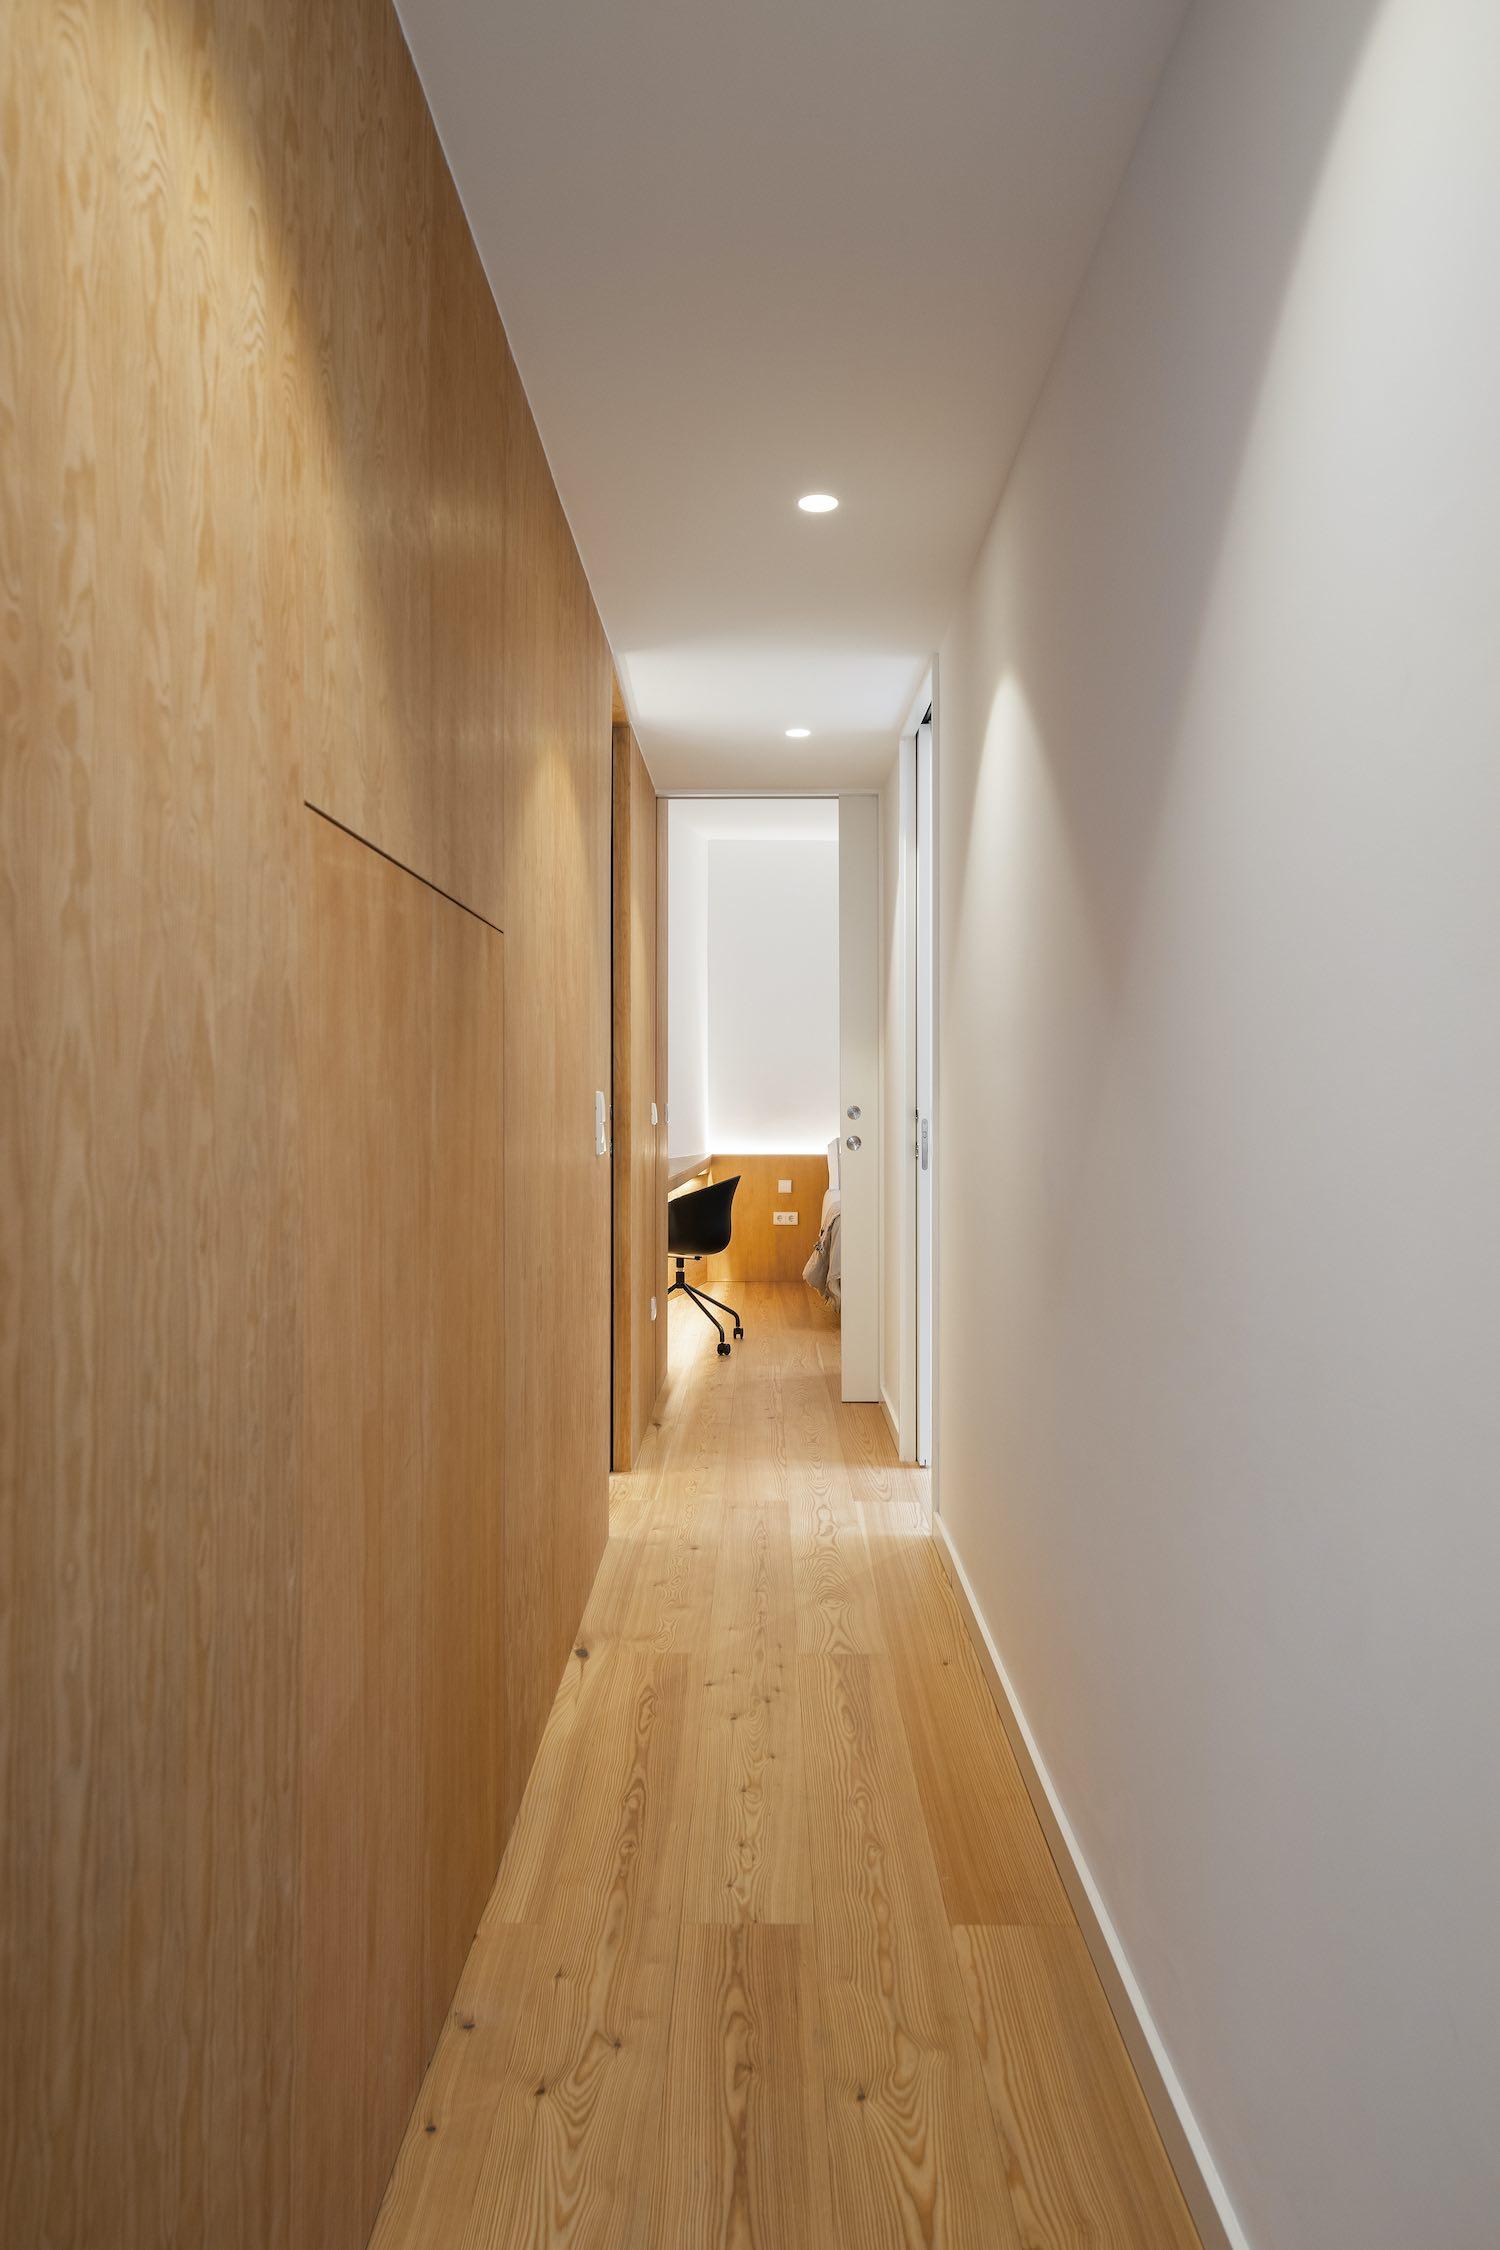 corridor to bedroom